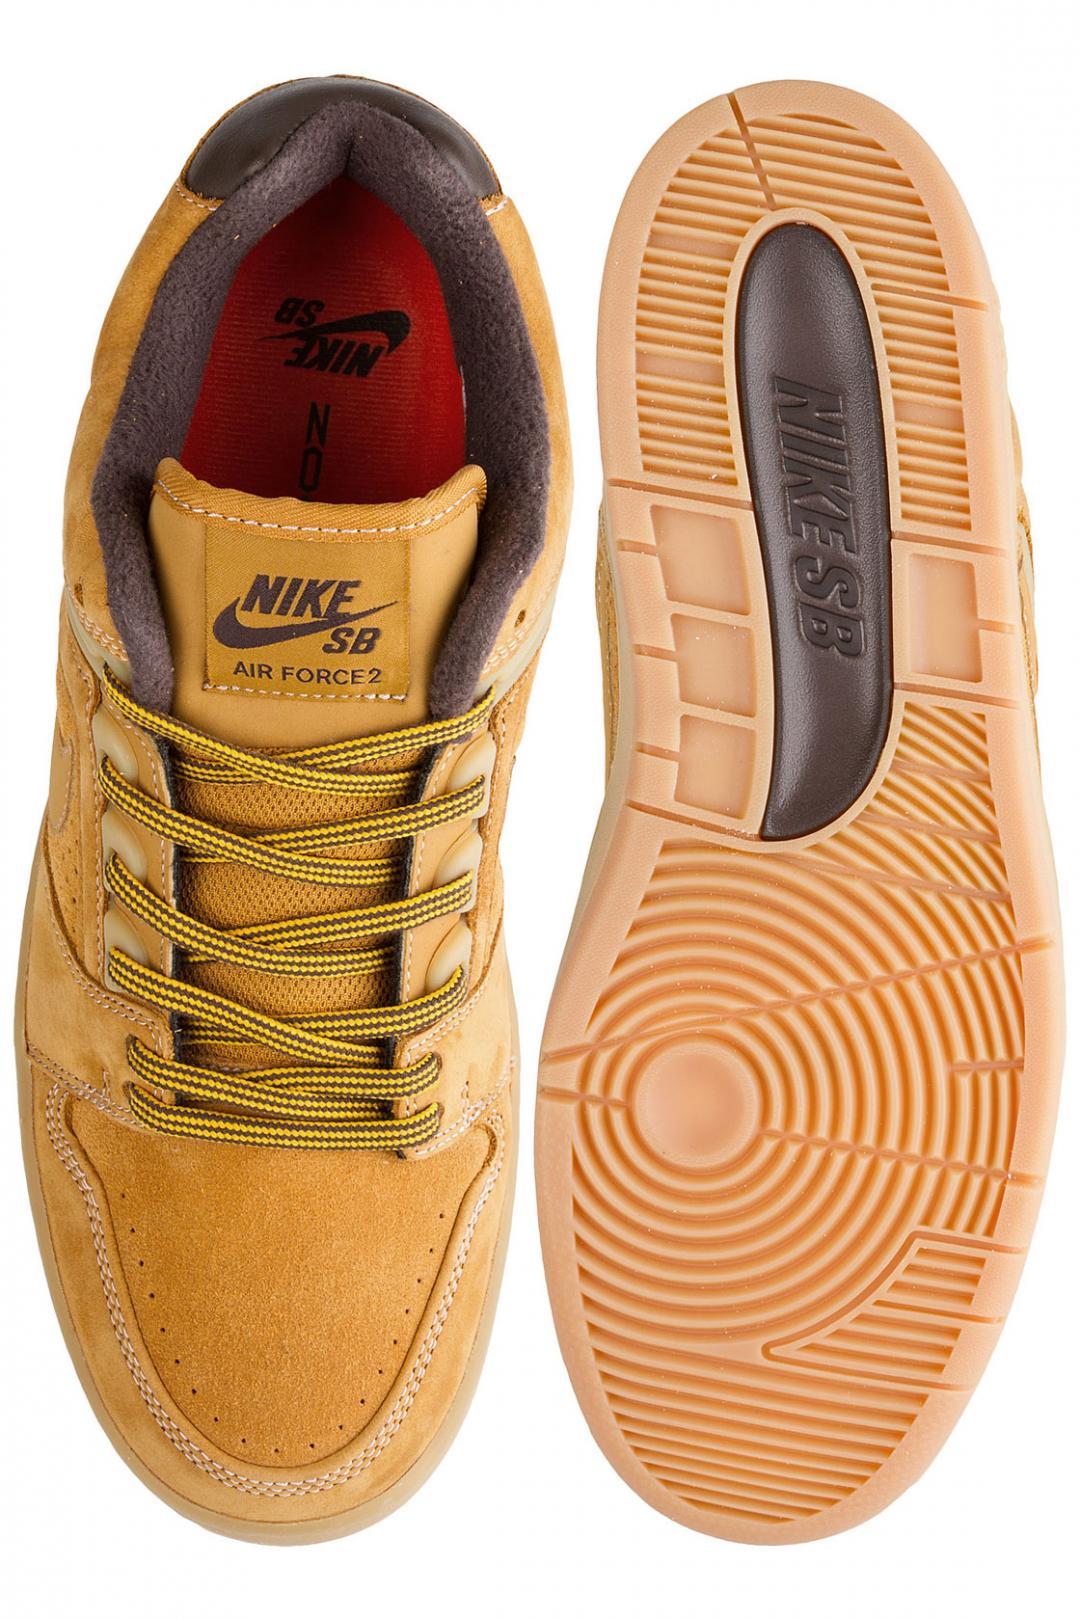 Uomo Nike SB Air Force II Low Premium bronze | Sneakers low top